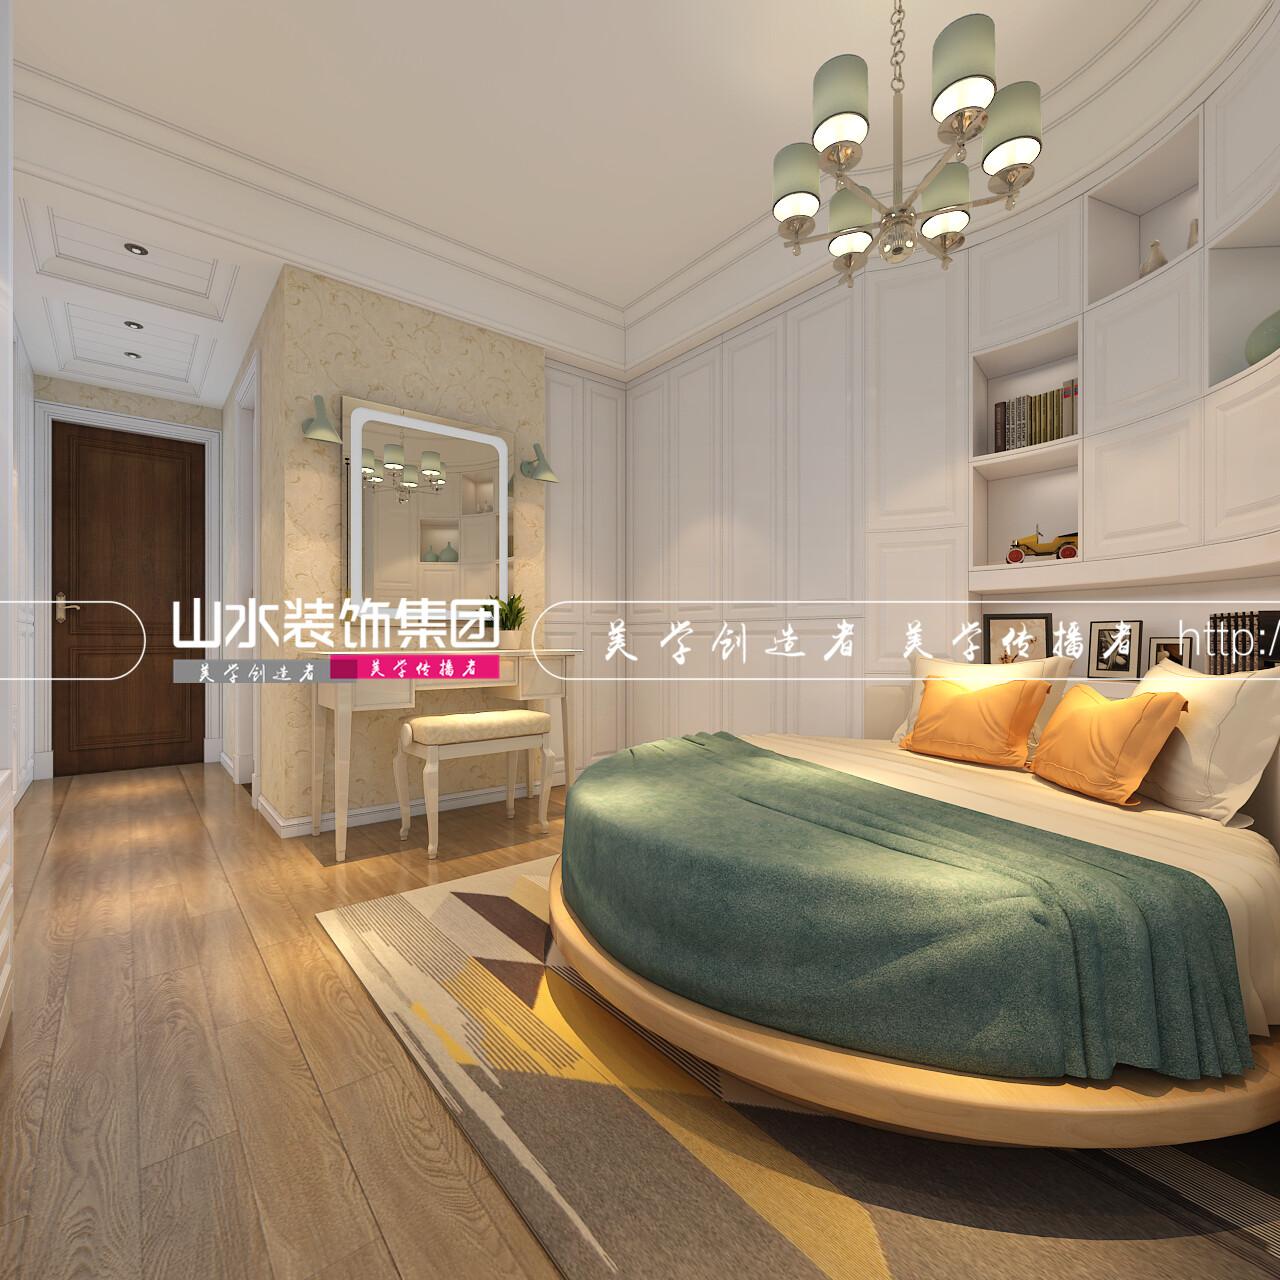 加侨悦山国际美式风格装修效果图-47平公寓